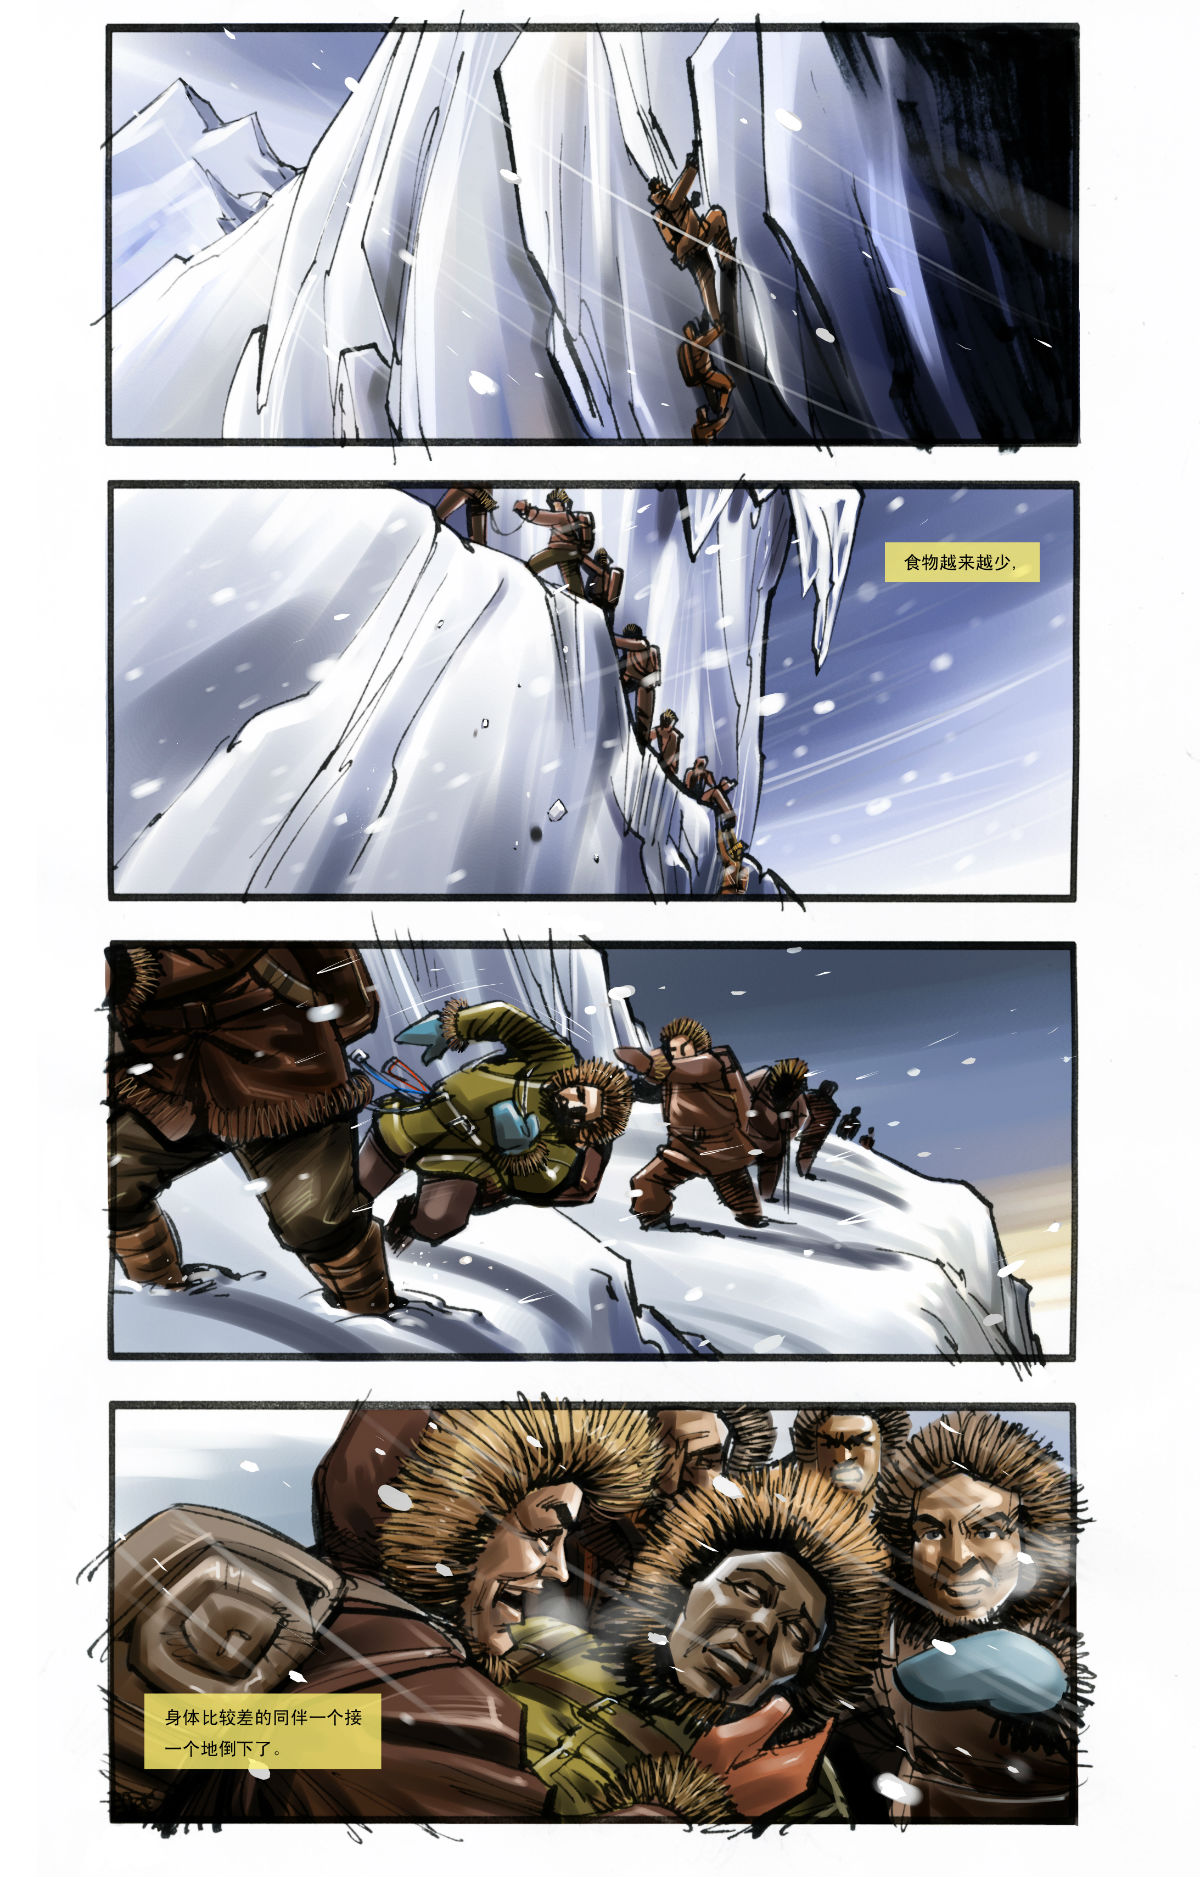 奇趣怪谈韩国恐怖漫画